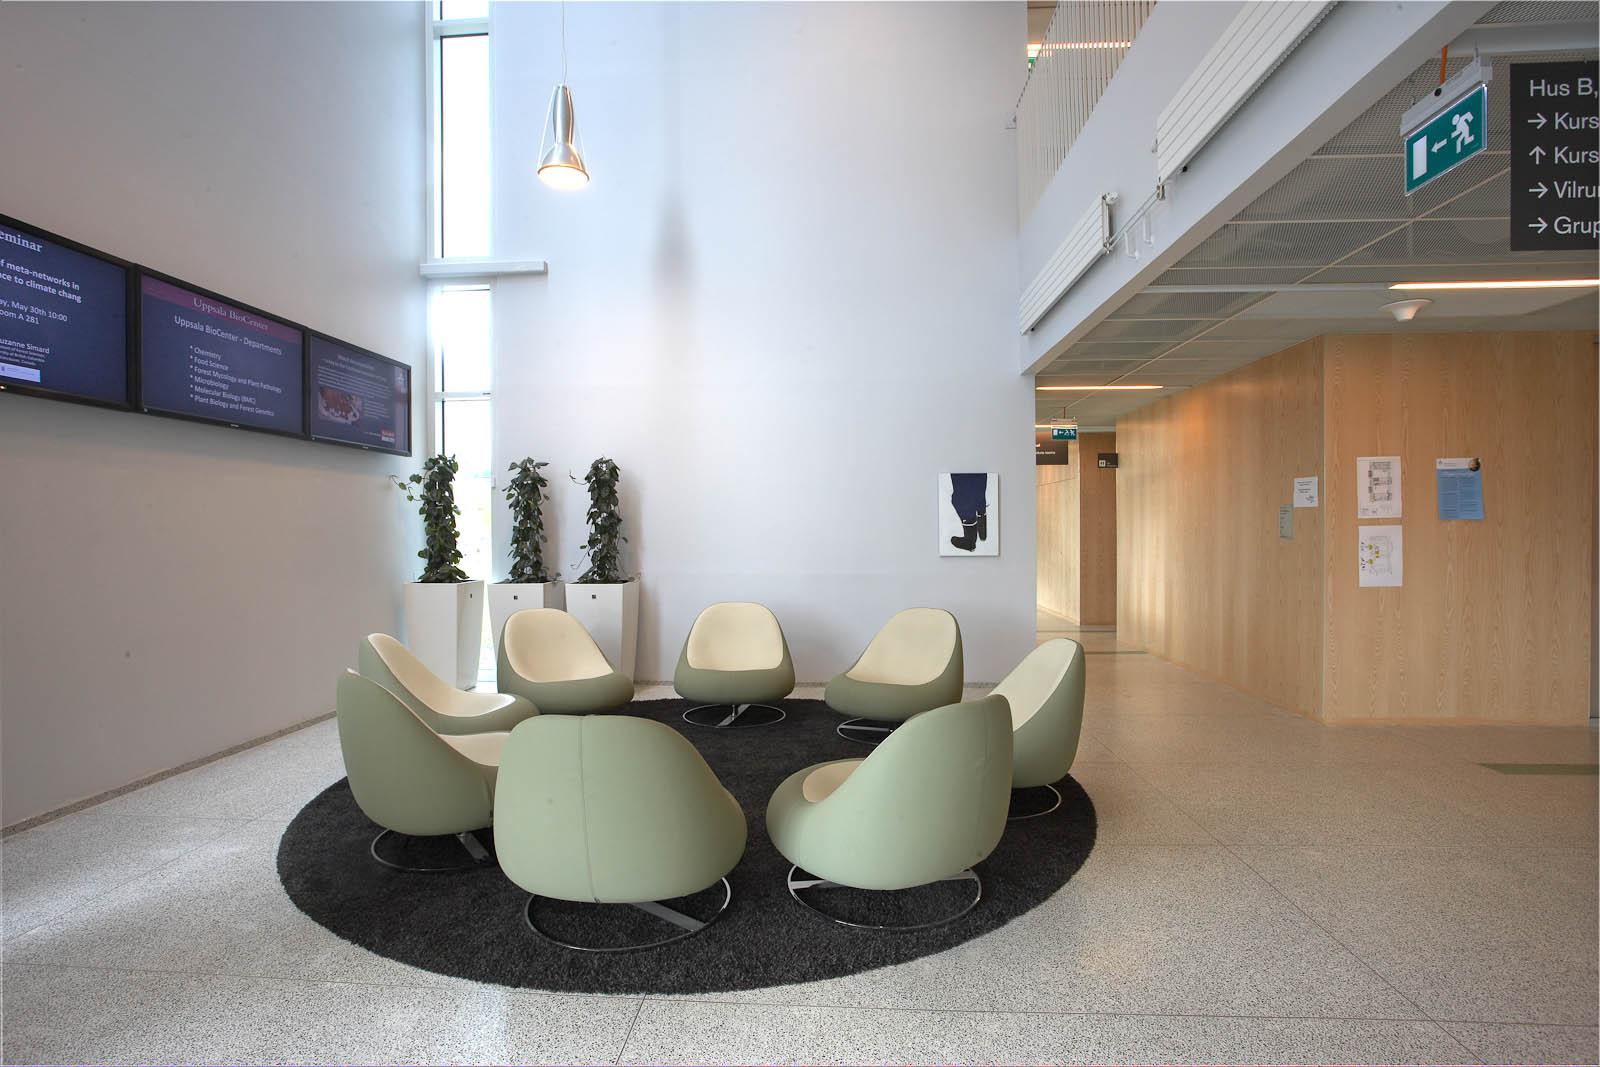 Soffgrupp med gröna fåtöljer i en vestibul. I bakgrunden på ena väggen en tavla med ett par blåklädda ben och svarta stövlar på vit bakgrund. Robert Lucander, 13 målningar